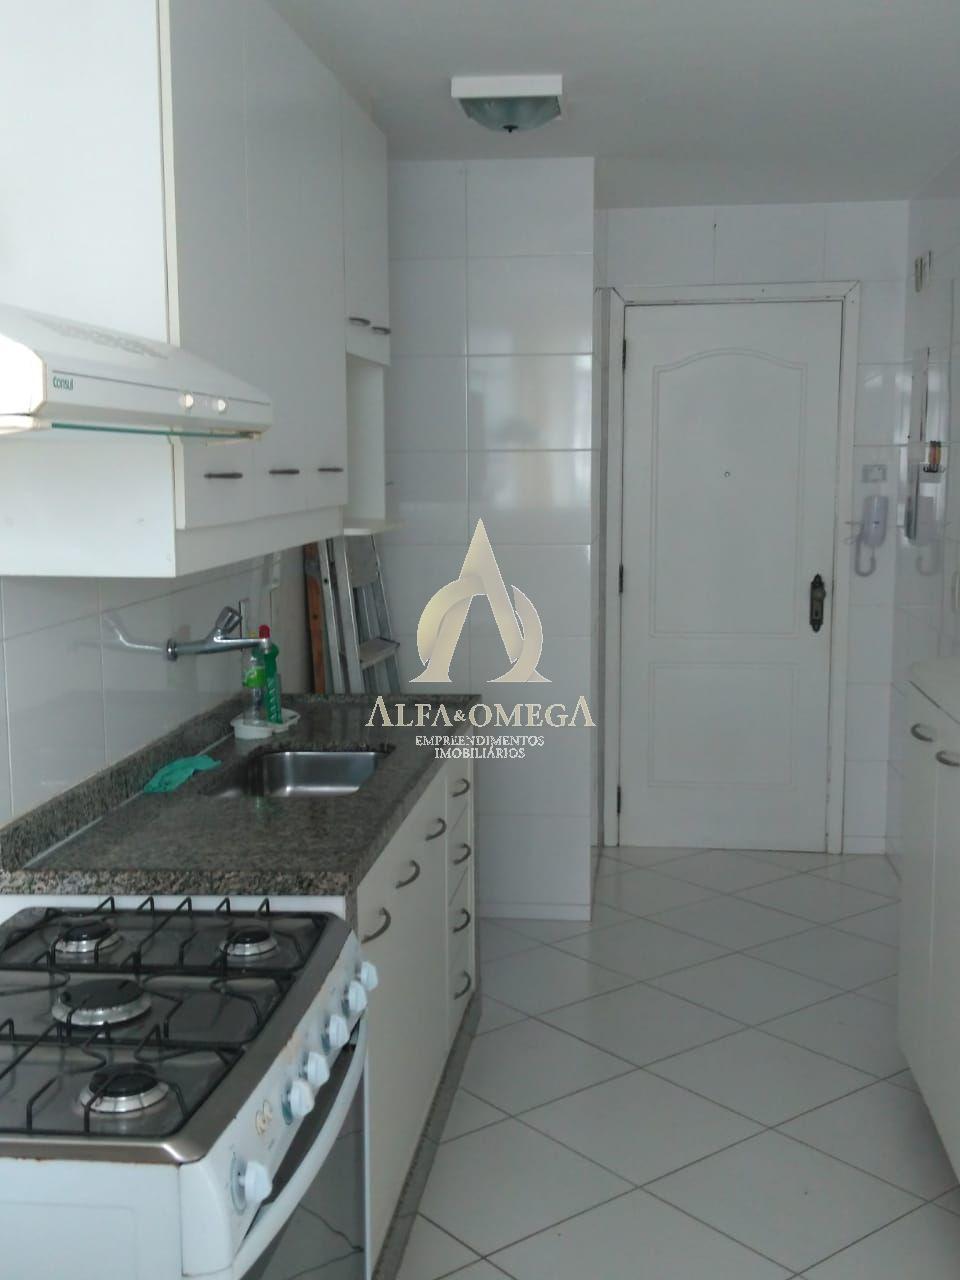 FOTO 12 - Apartamento Barra da Tijuca,Rio de Janeiro,RJ À Venda,2 Quartos,75m² - AO20380 - 12